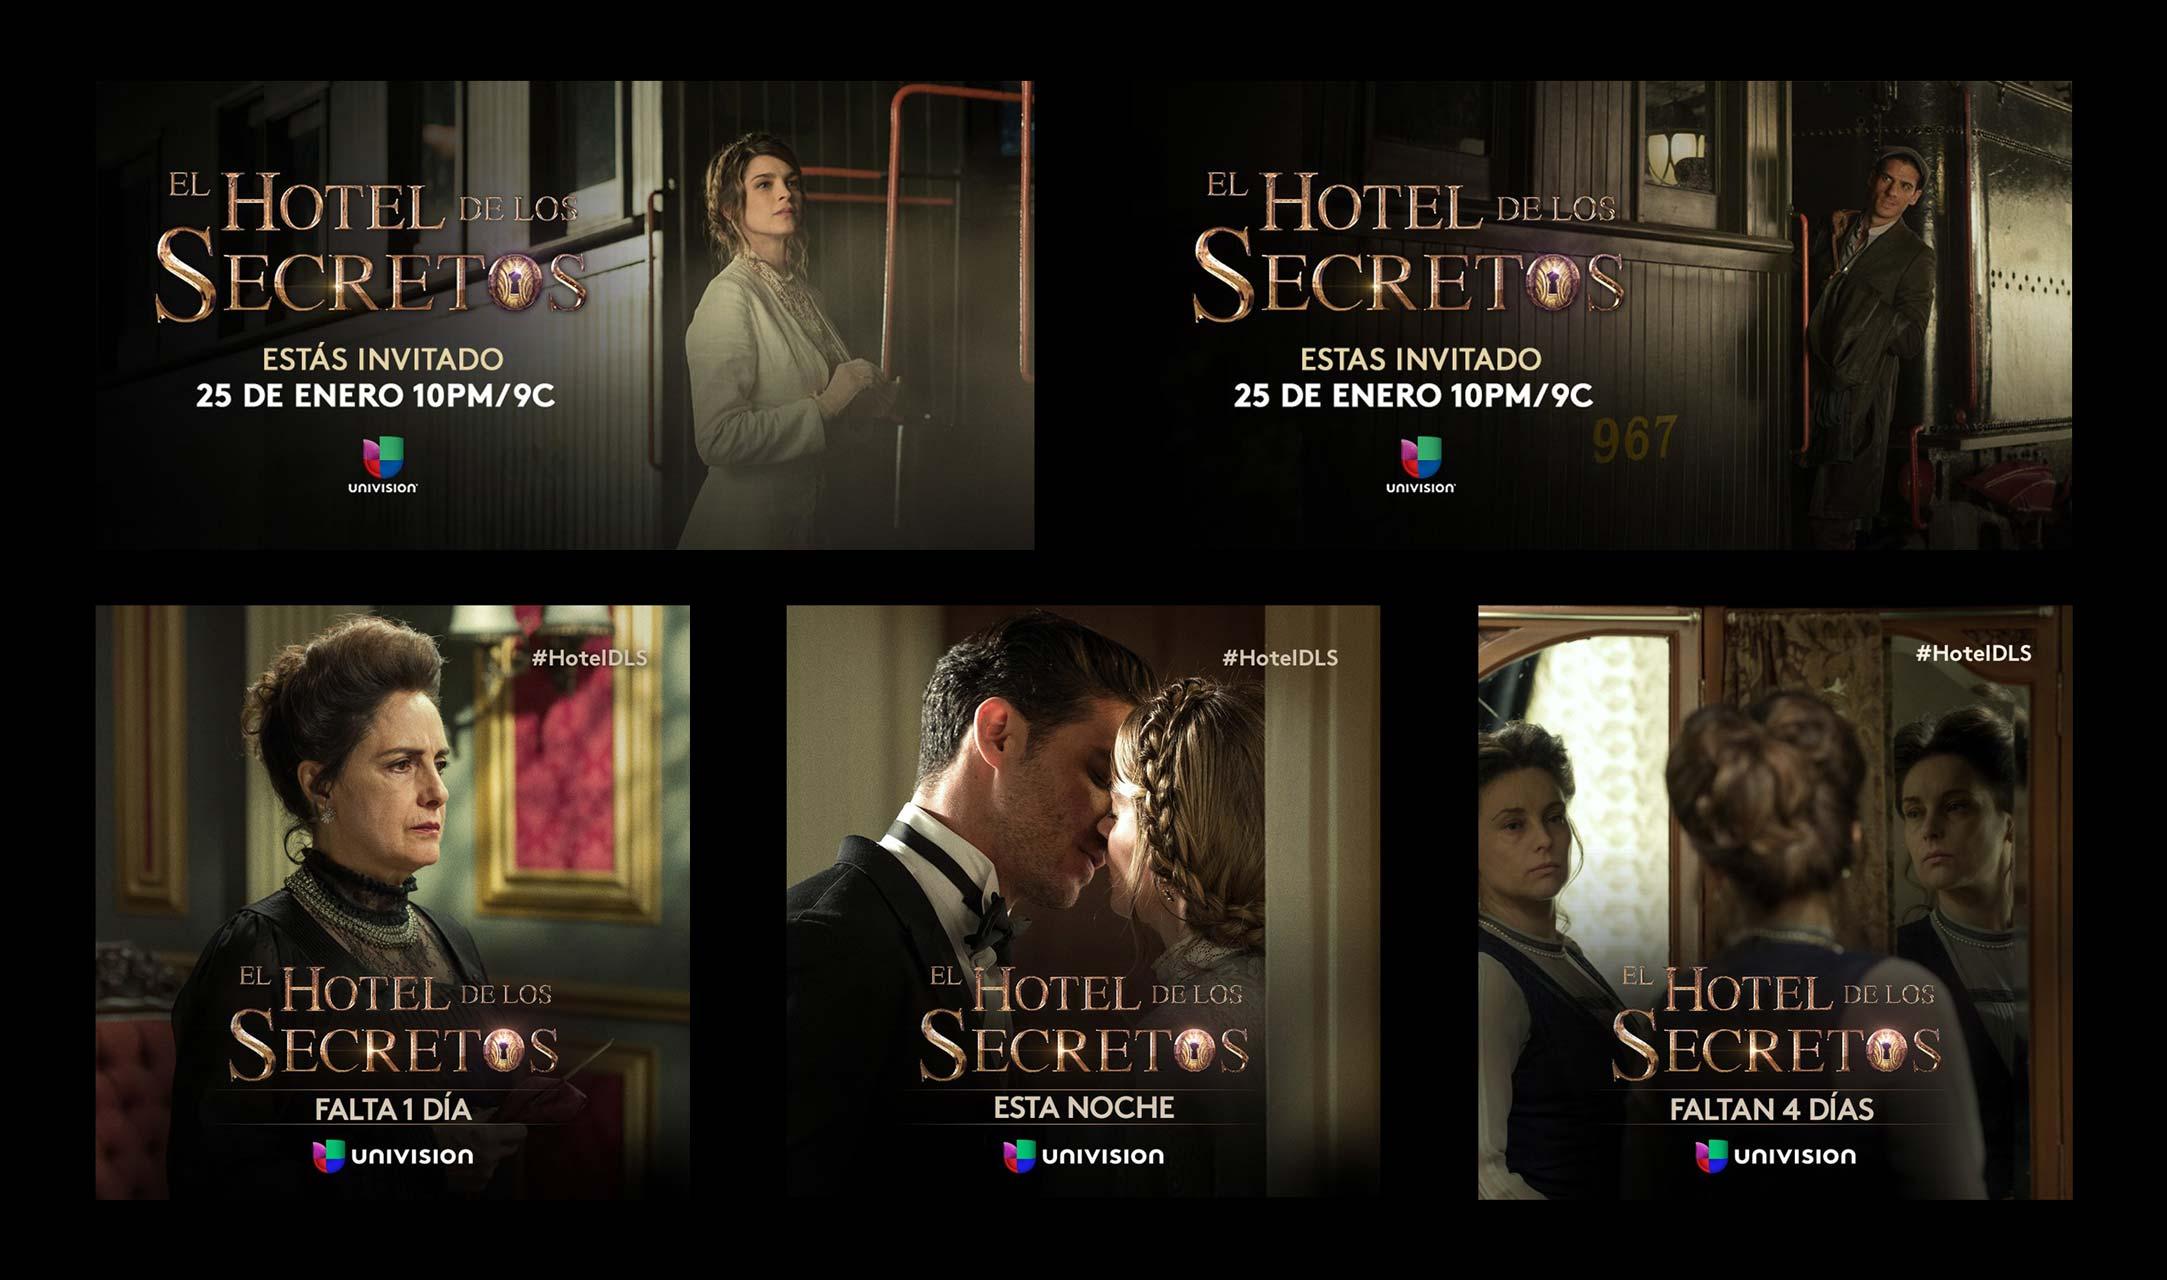 El hotel de los secretos logo for Bazzel el jardin de los secretos